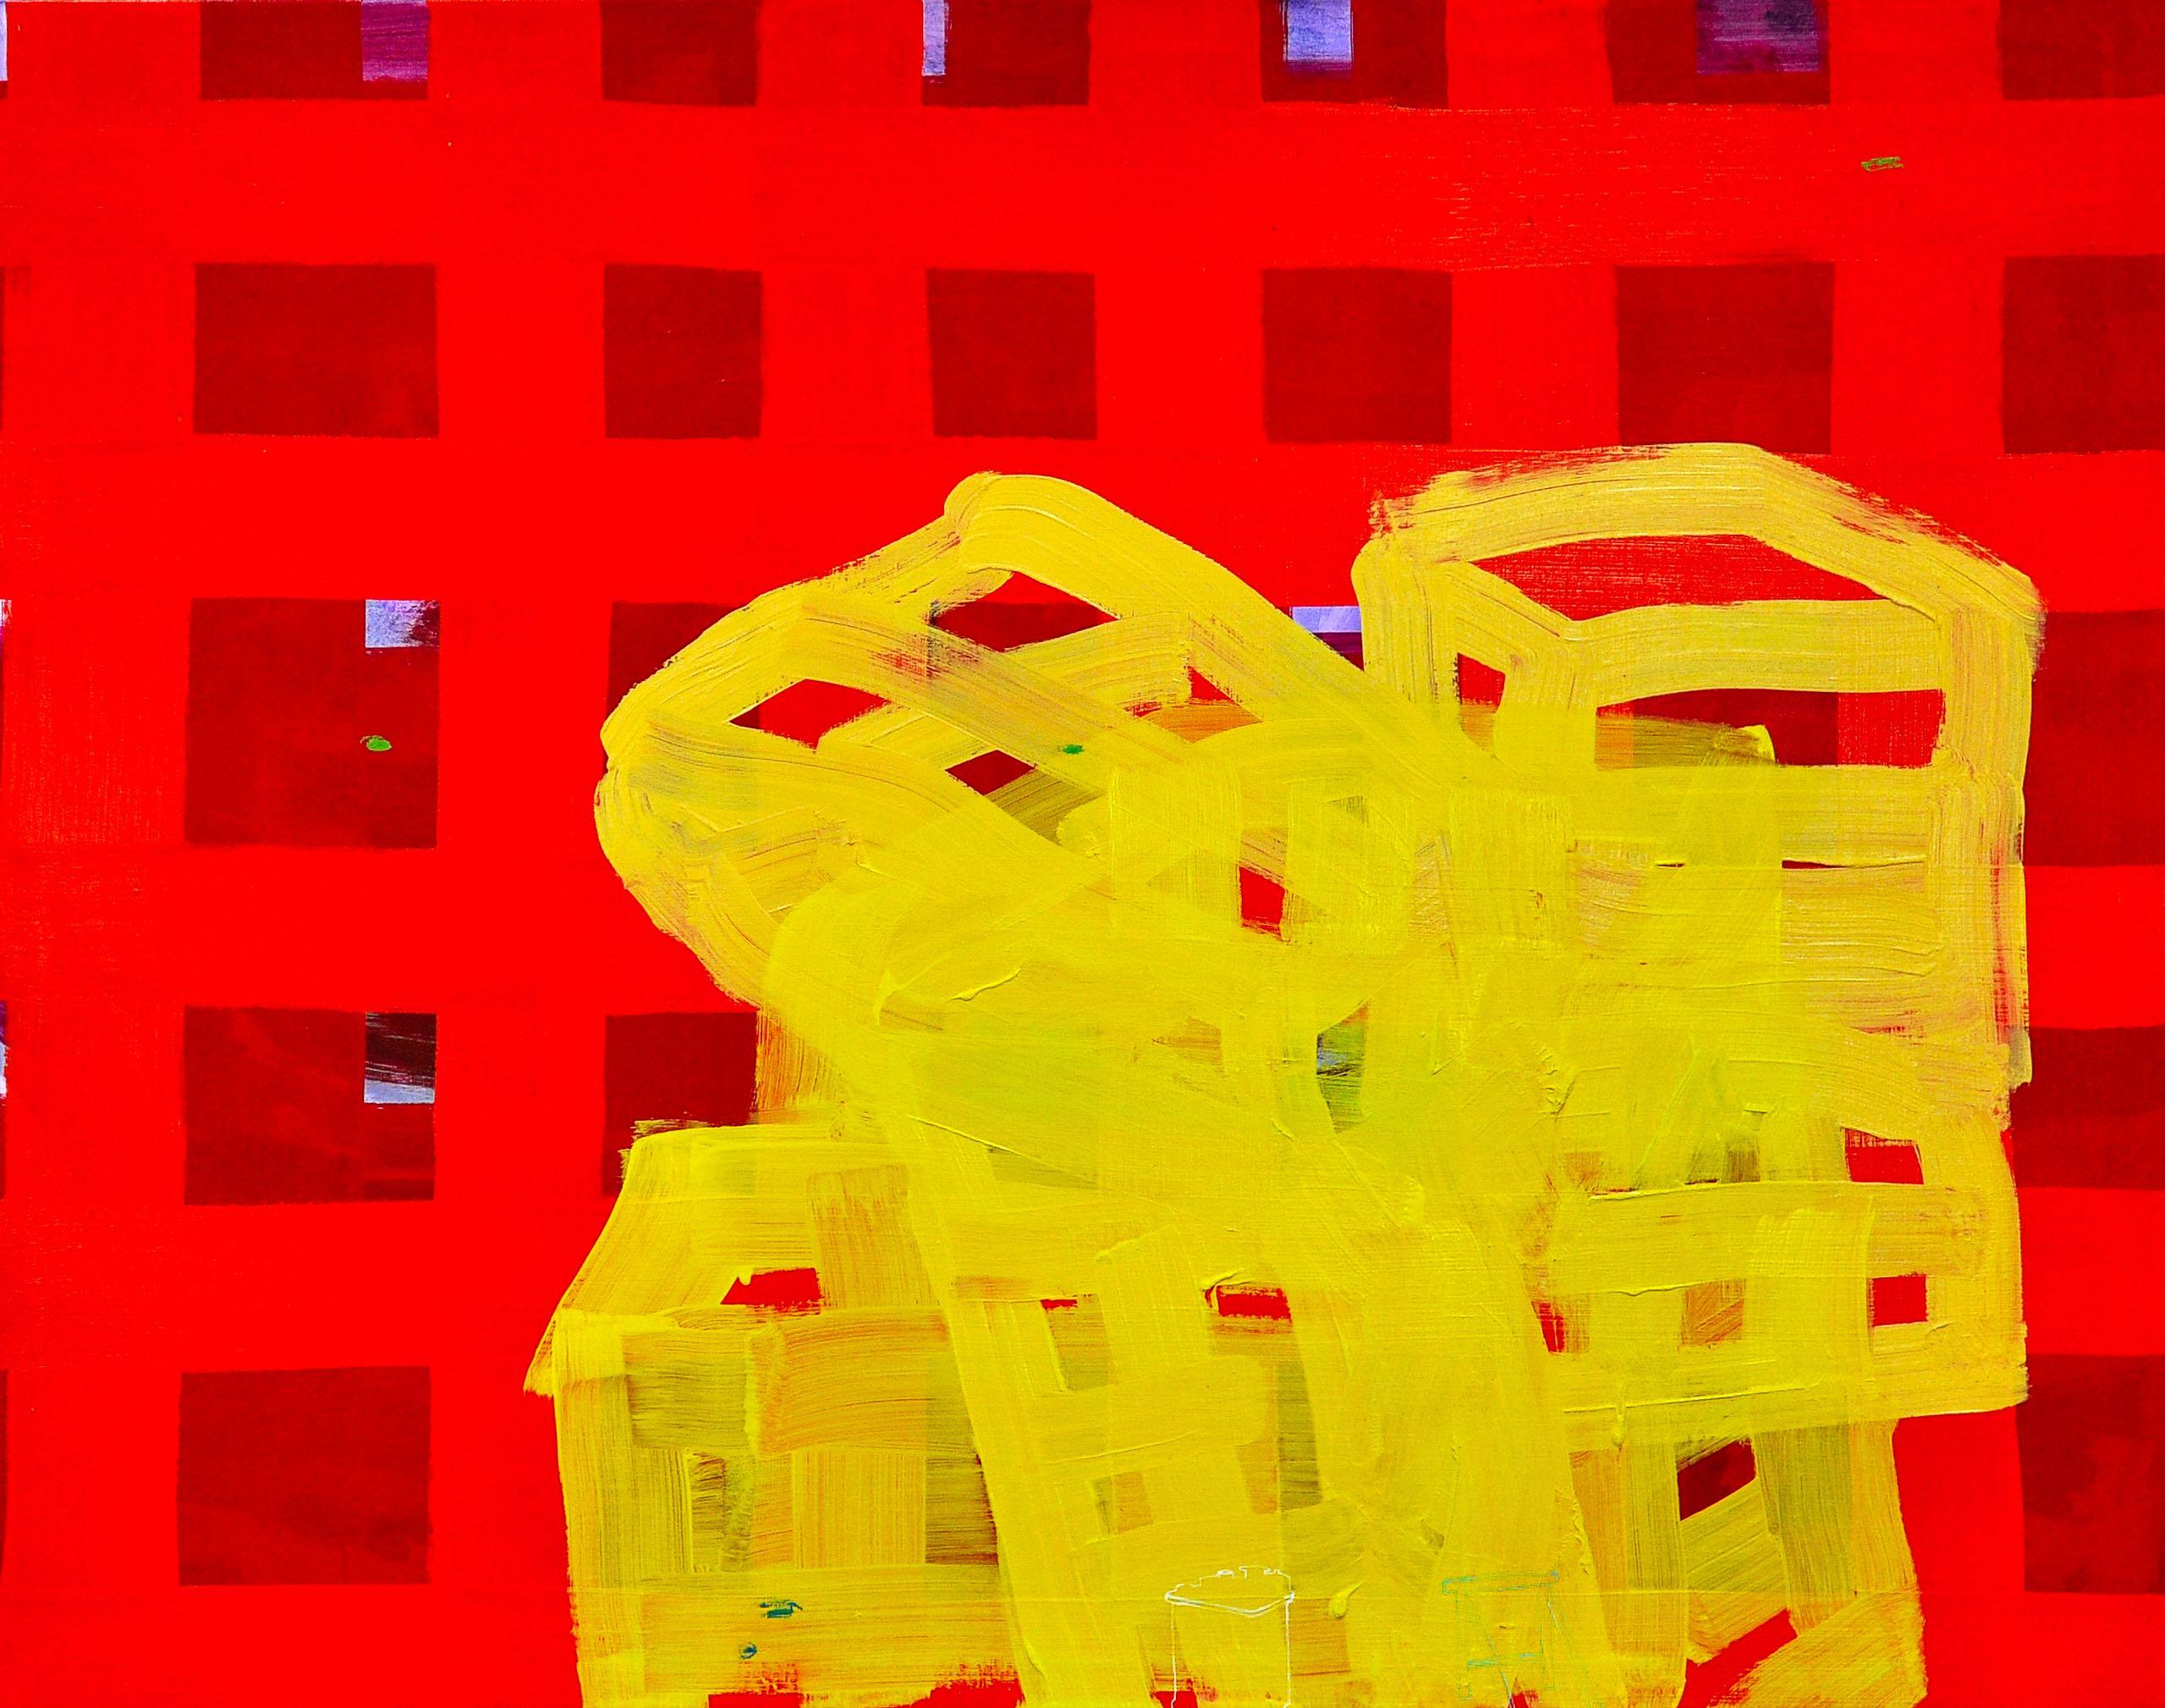 2017_36, O?l auf Leinwand, 120,0 x 150,0 cm